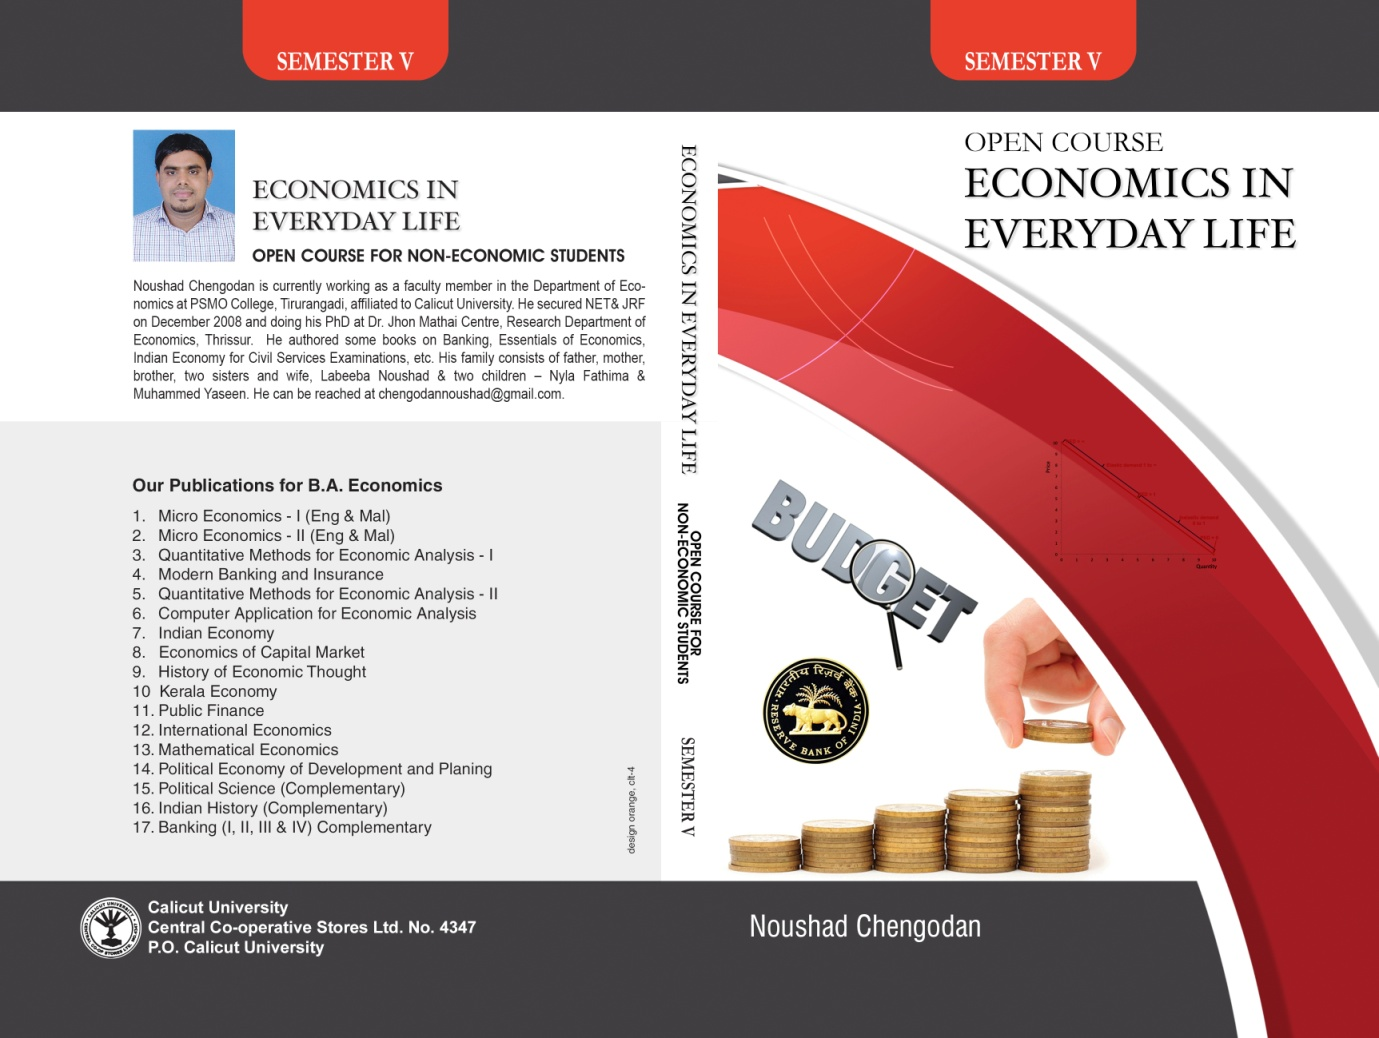 Current Economy – Noushad Chengodan